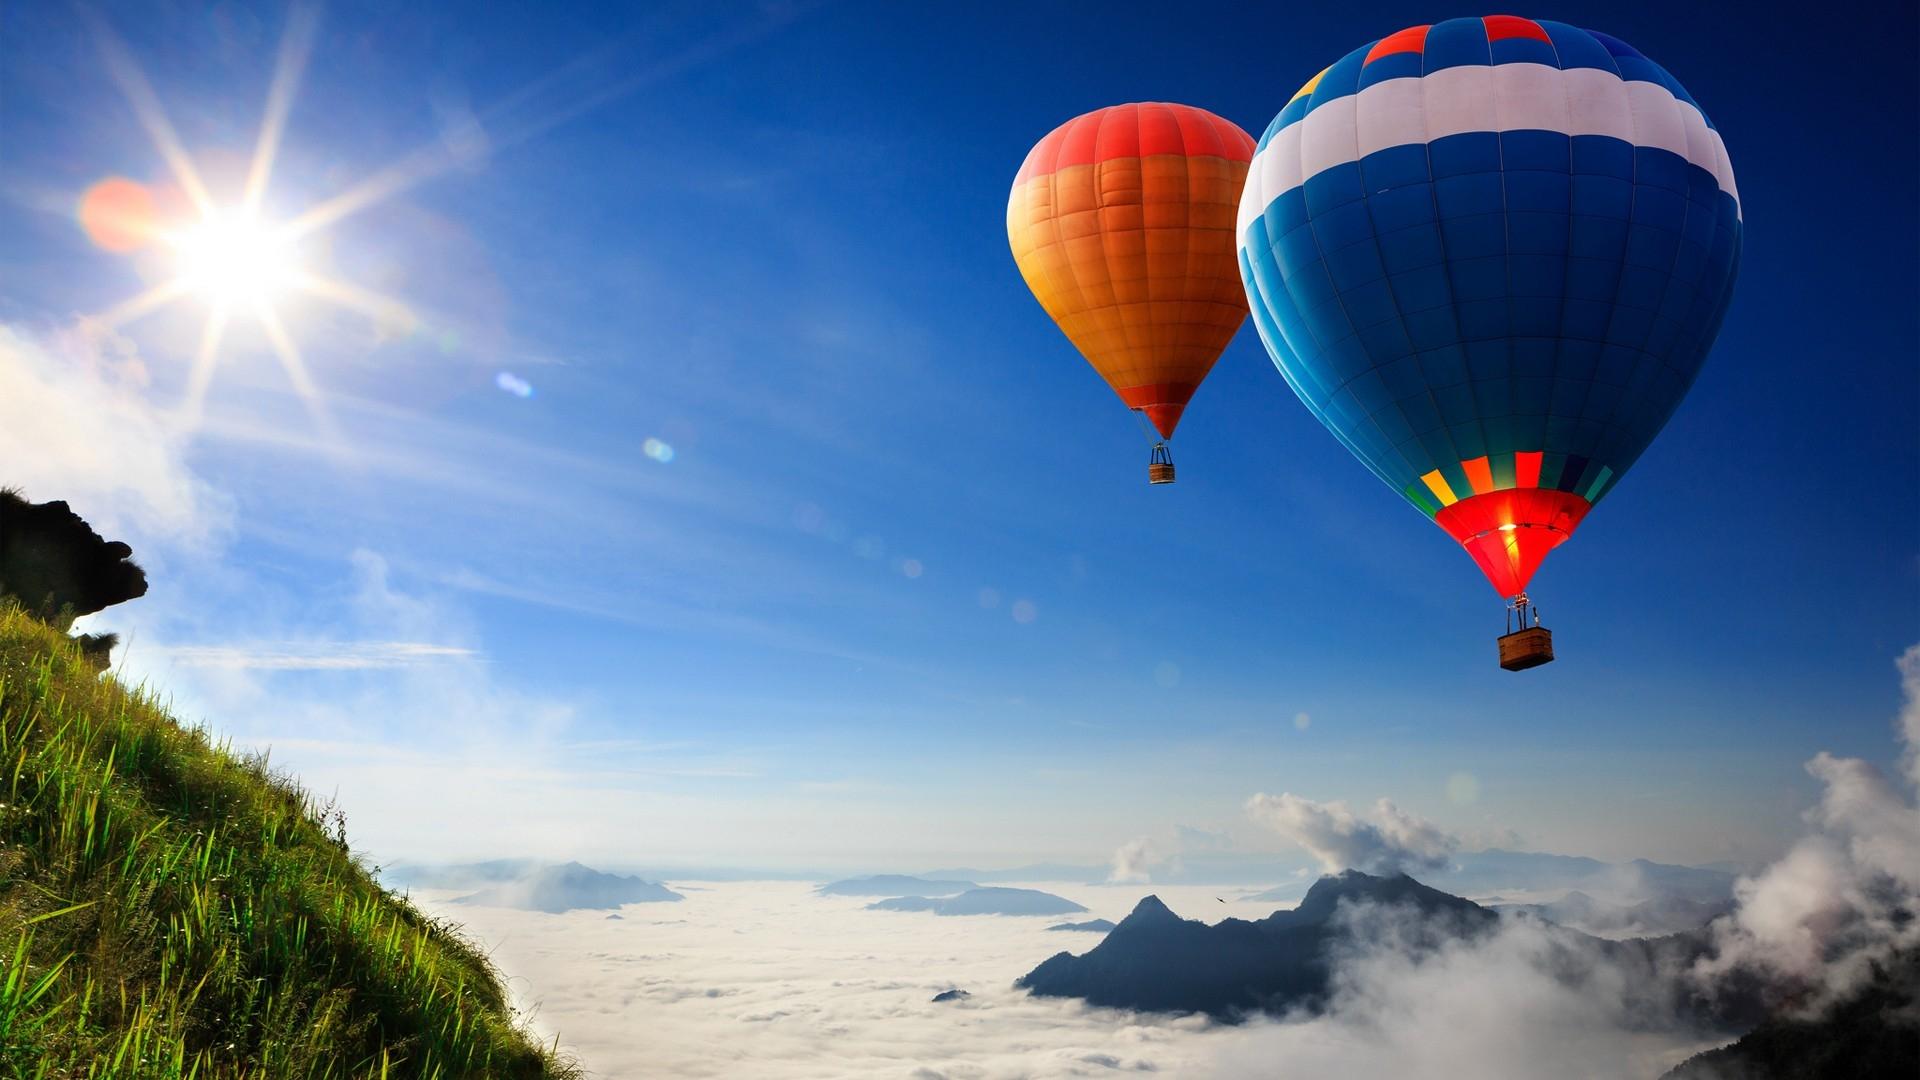 21 Wonderful HD Hot Air Balloon Wallpapers - HDWallSource.com